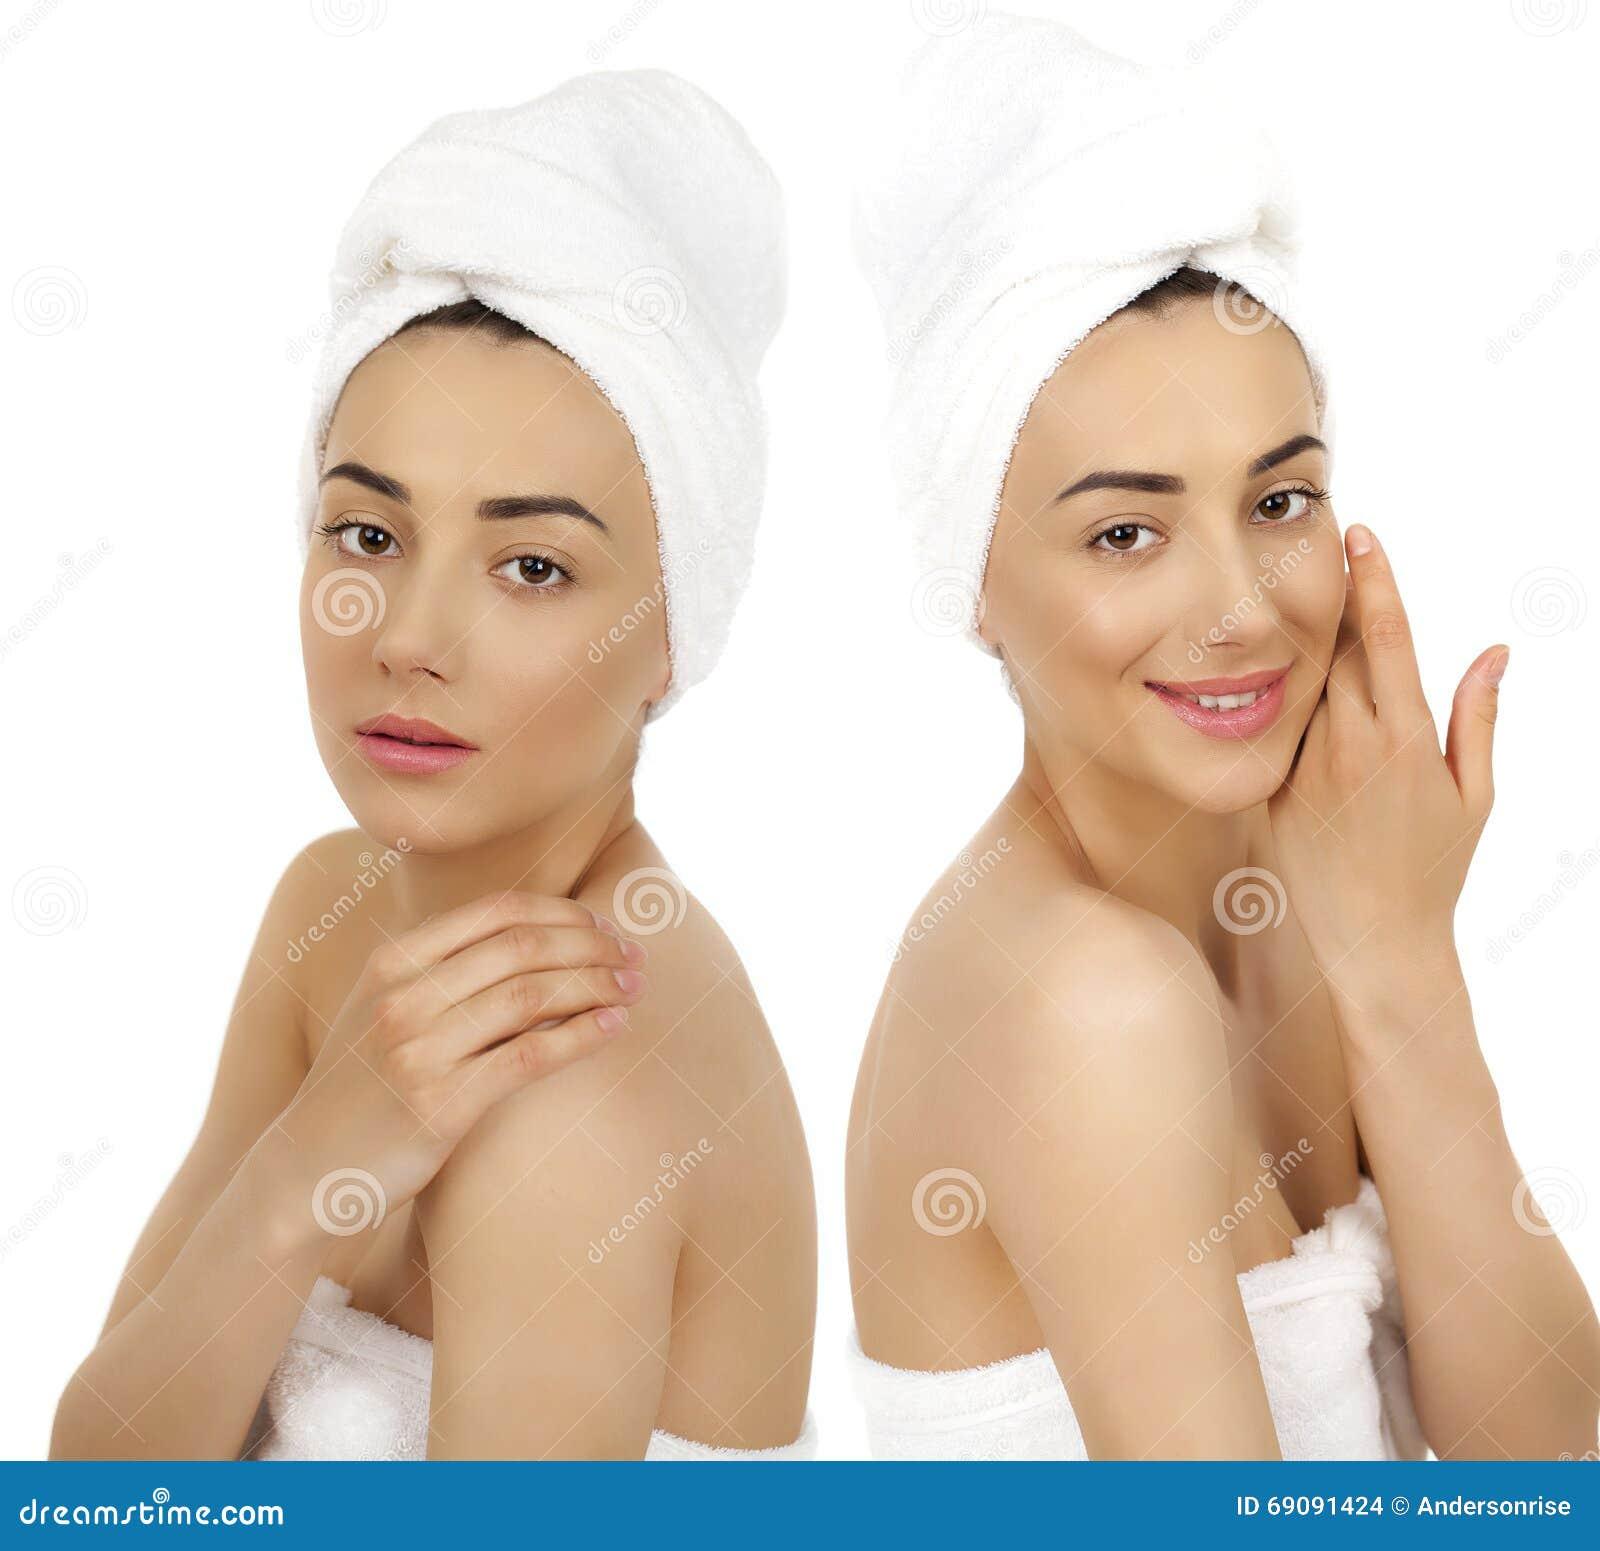 фото красивых оголенных женщин